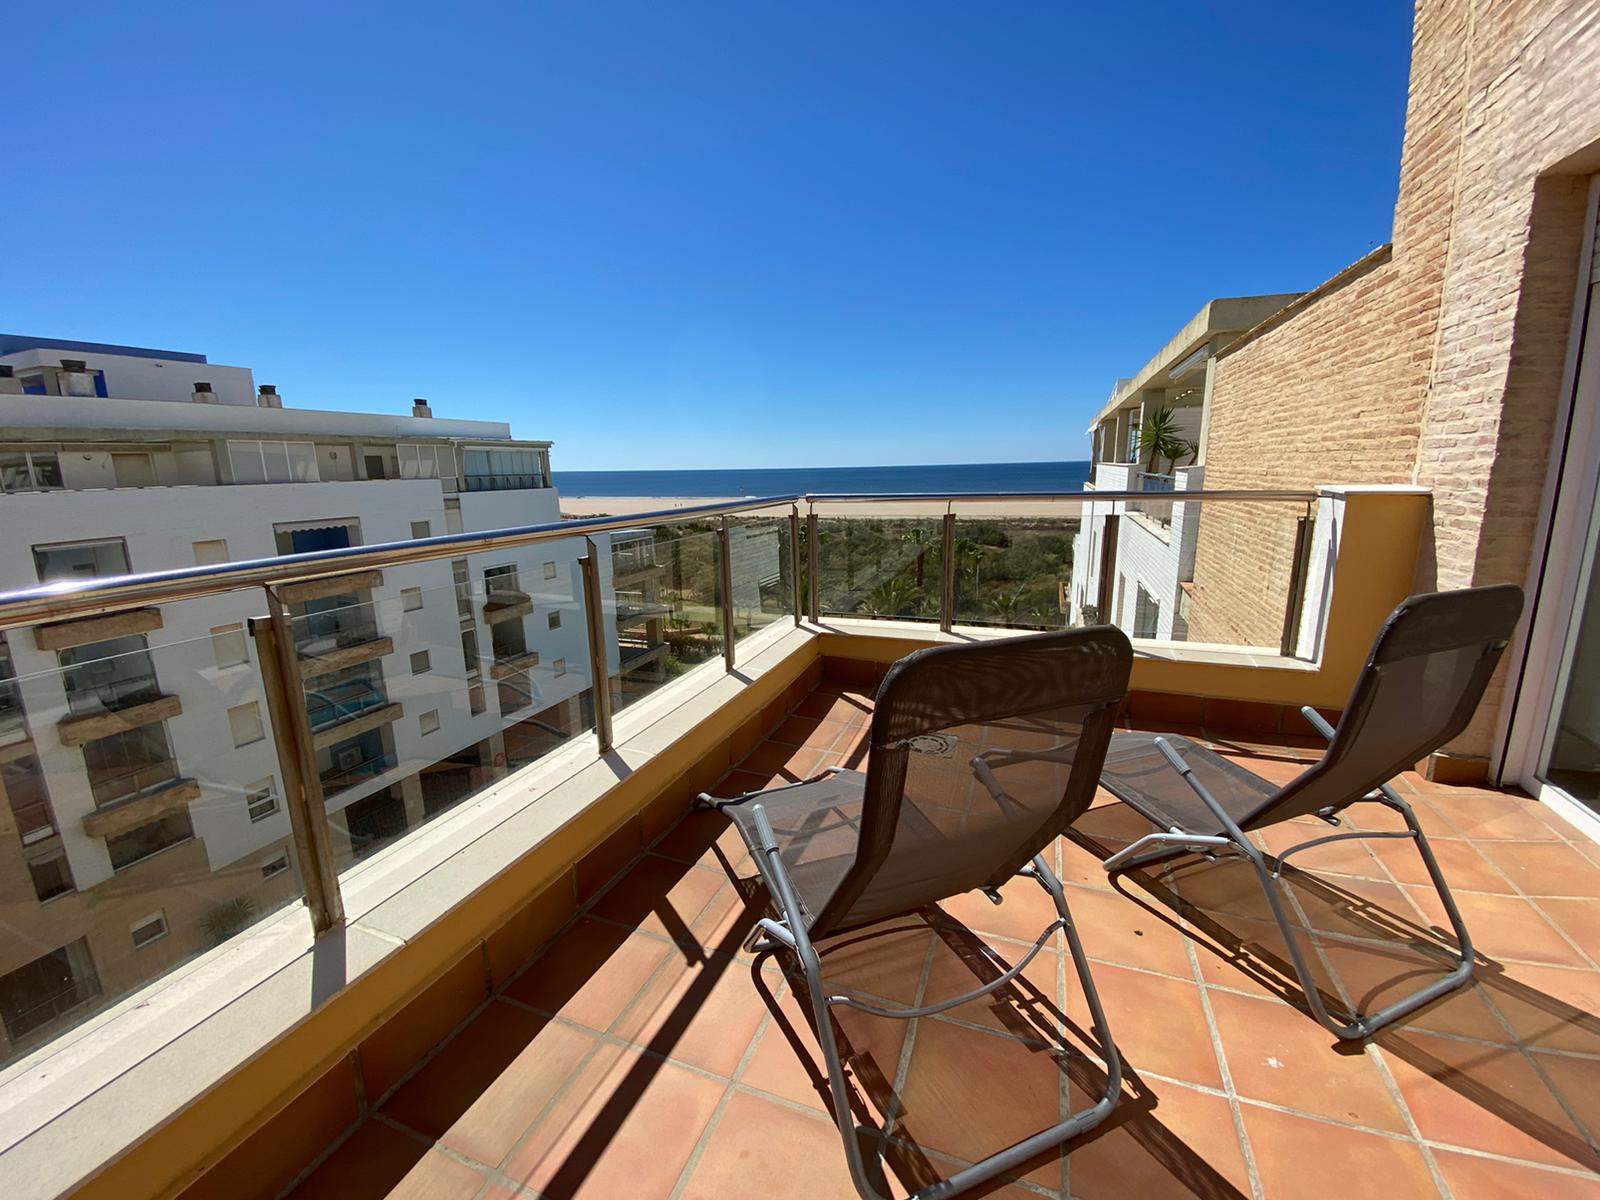 Imagen 34 del Apartamento Turístico, Ático 6 Poniente (3d+2b), Punta del Moral (HUELVA), Paseo de la Cruz nº22